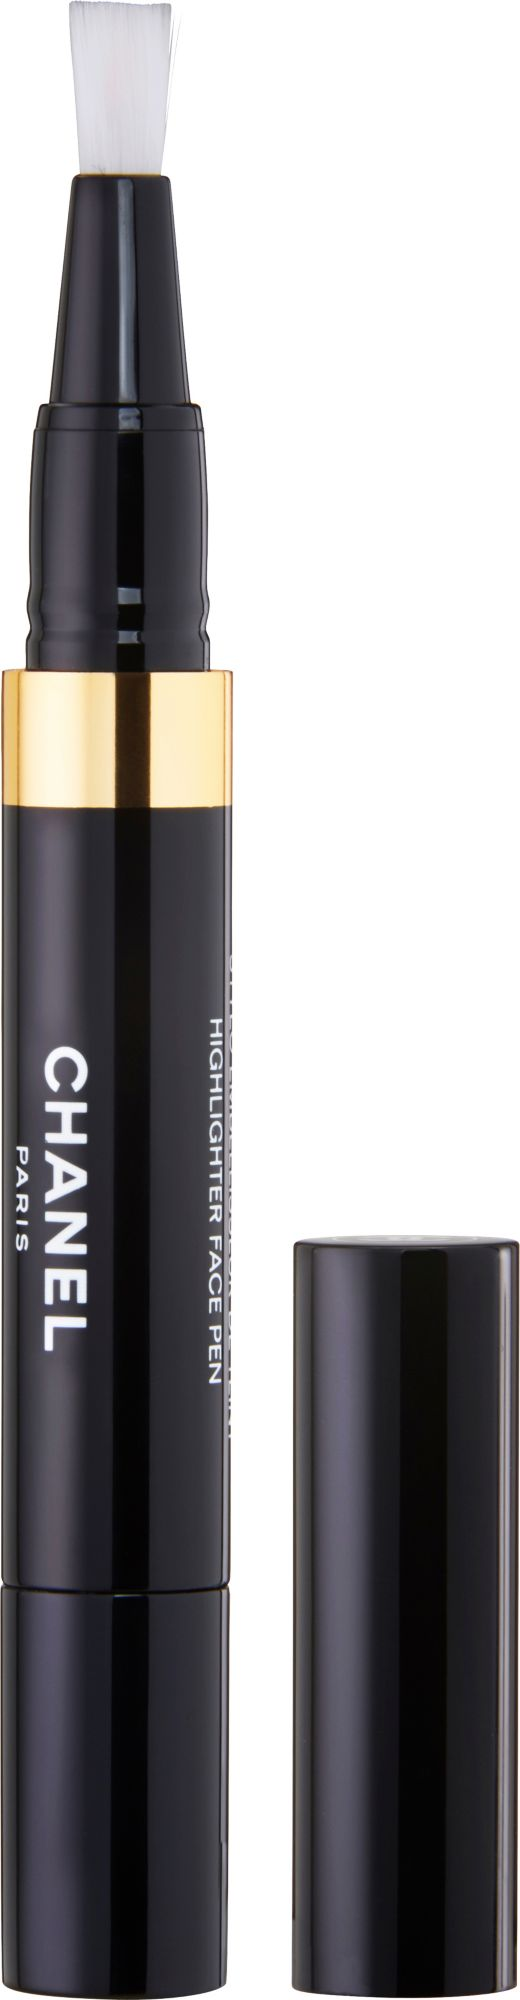 CHANEL Chanel, »Éclat Lumière«, Concealer